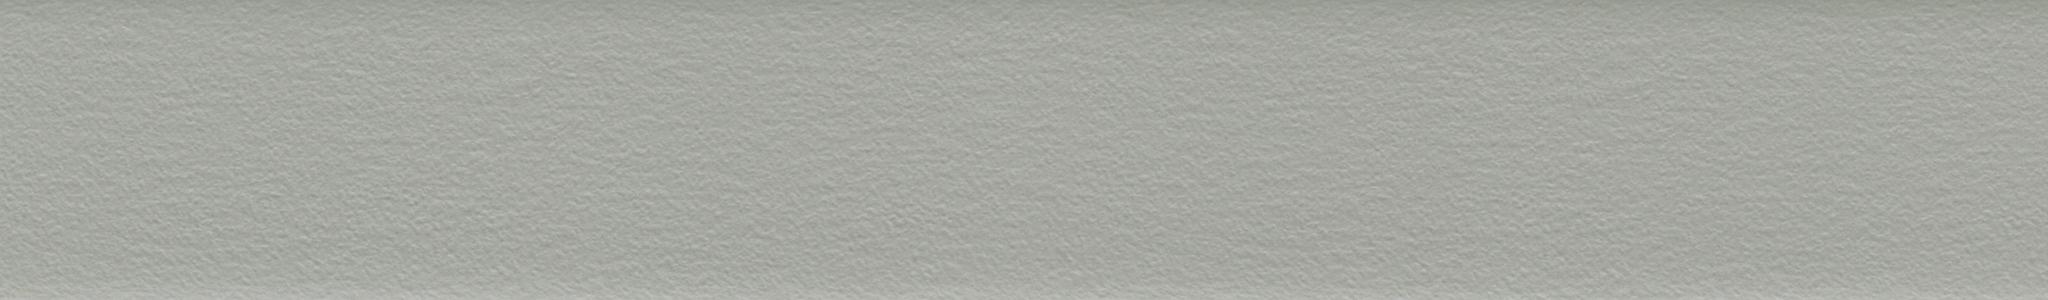 HU 183189 ABS hrana hnědá perla jemná 107